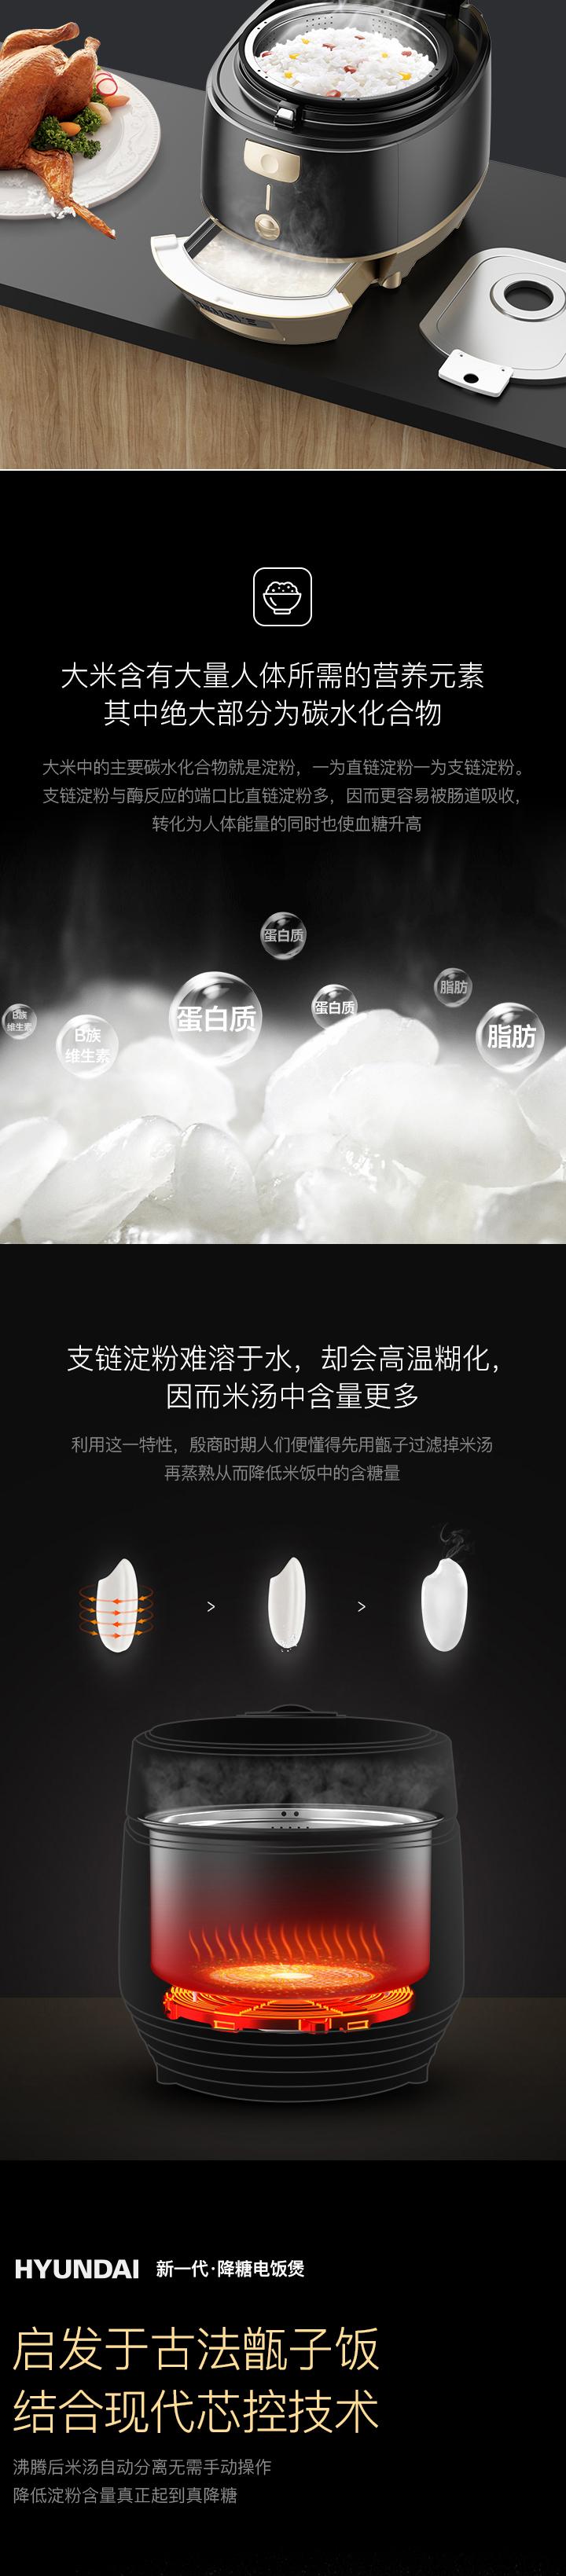 现代IH降糖电饭煲免费试用,评测